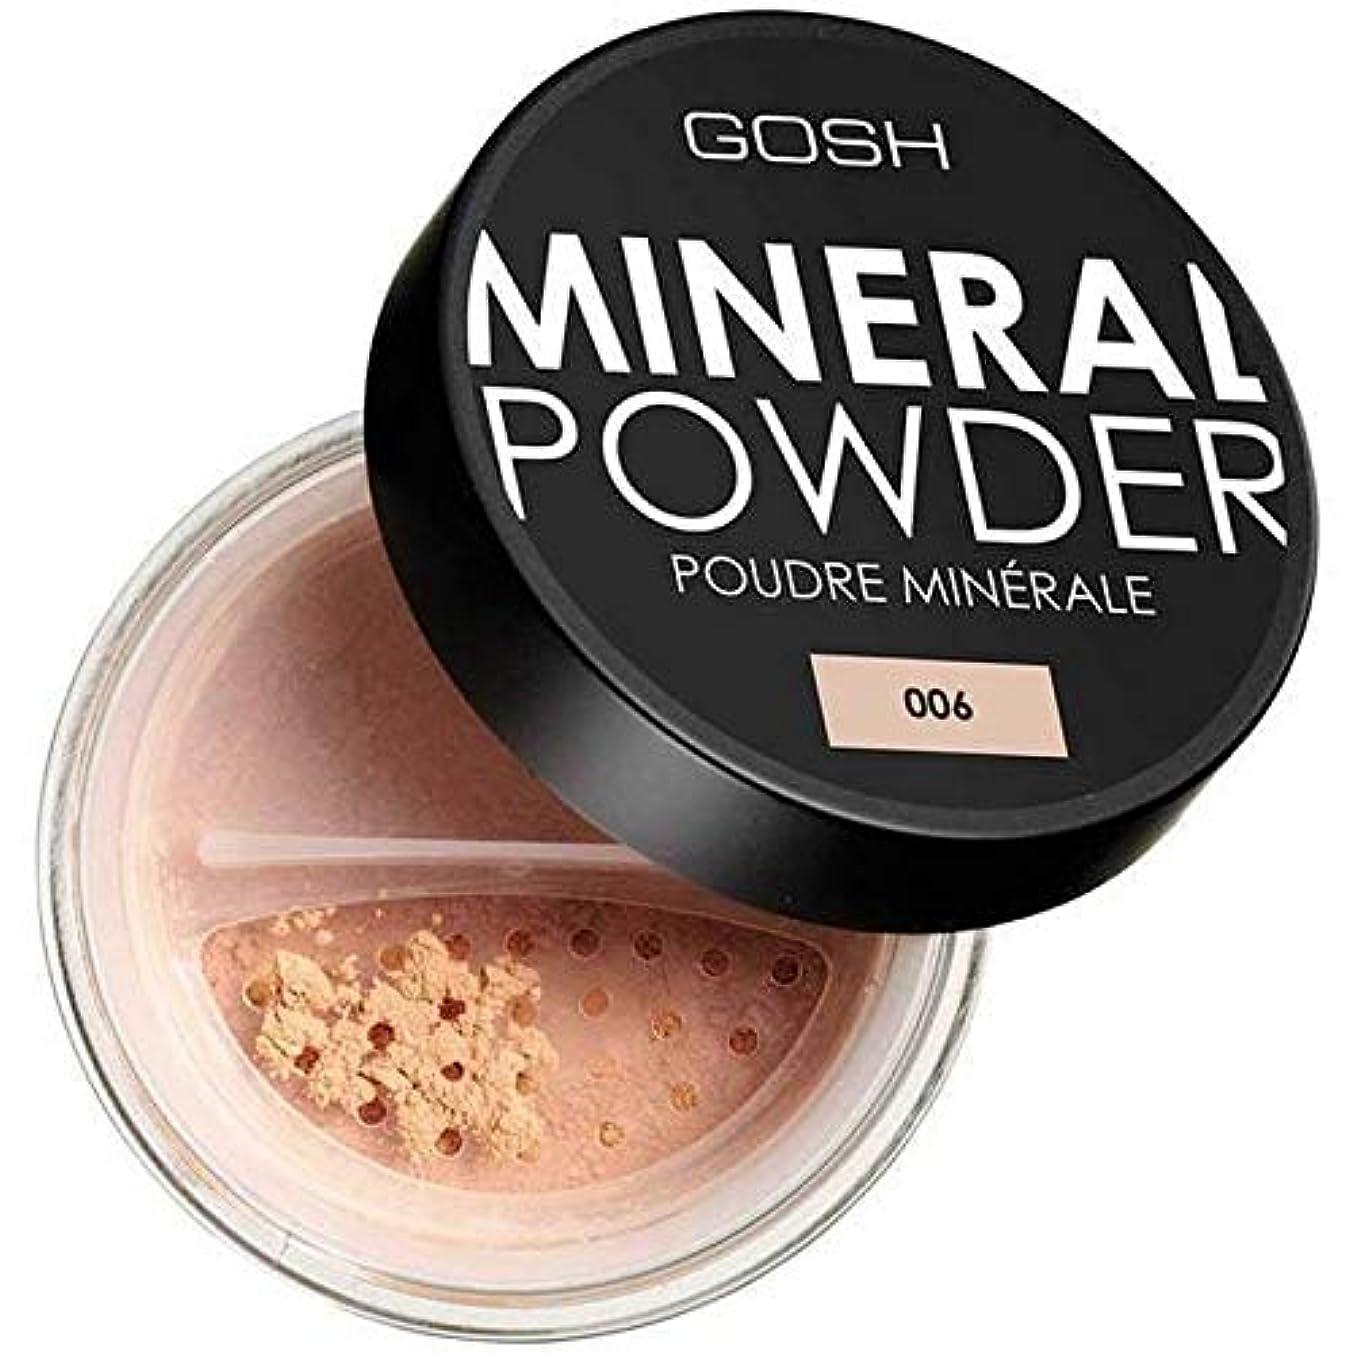 配送手数料反発する[GOSH ] おやっミネラルフルカバレッジ基礎粉末蜂蜜006 - GOSH Mineral Full Coverage Foundation Powder Honey 006 [並行輸入品]